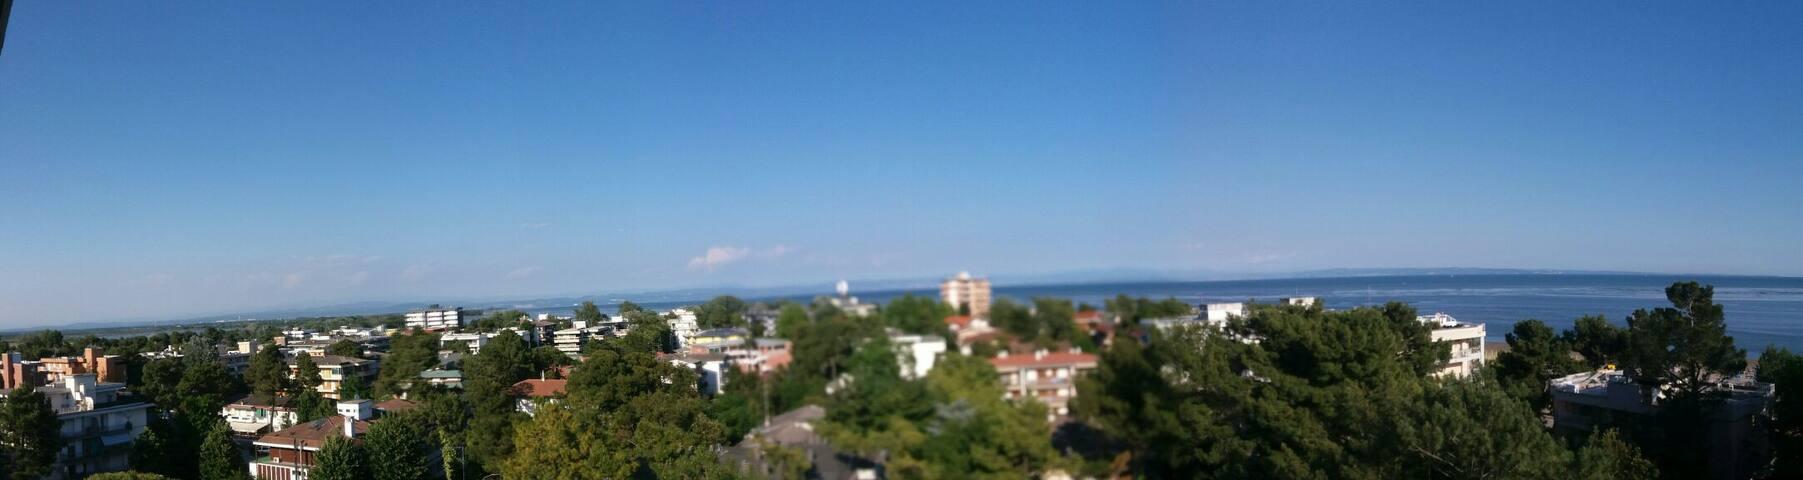 Appartamento a Grado con vista panoramica sul mare